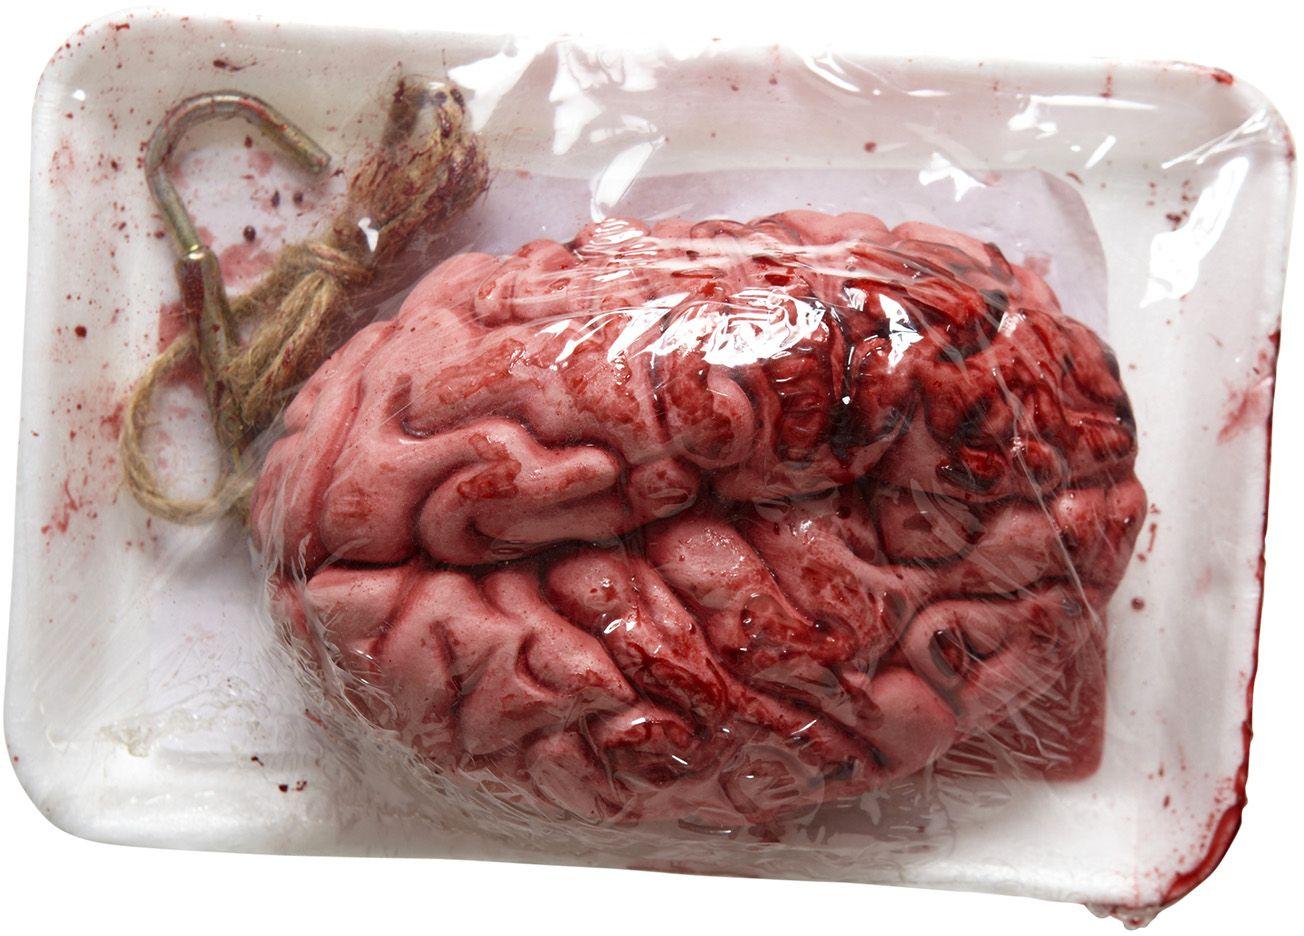 Verpakte bloedende brein